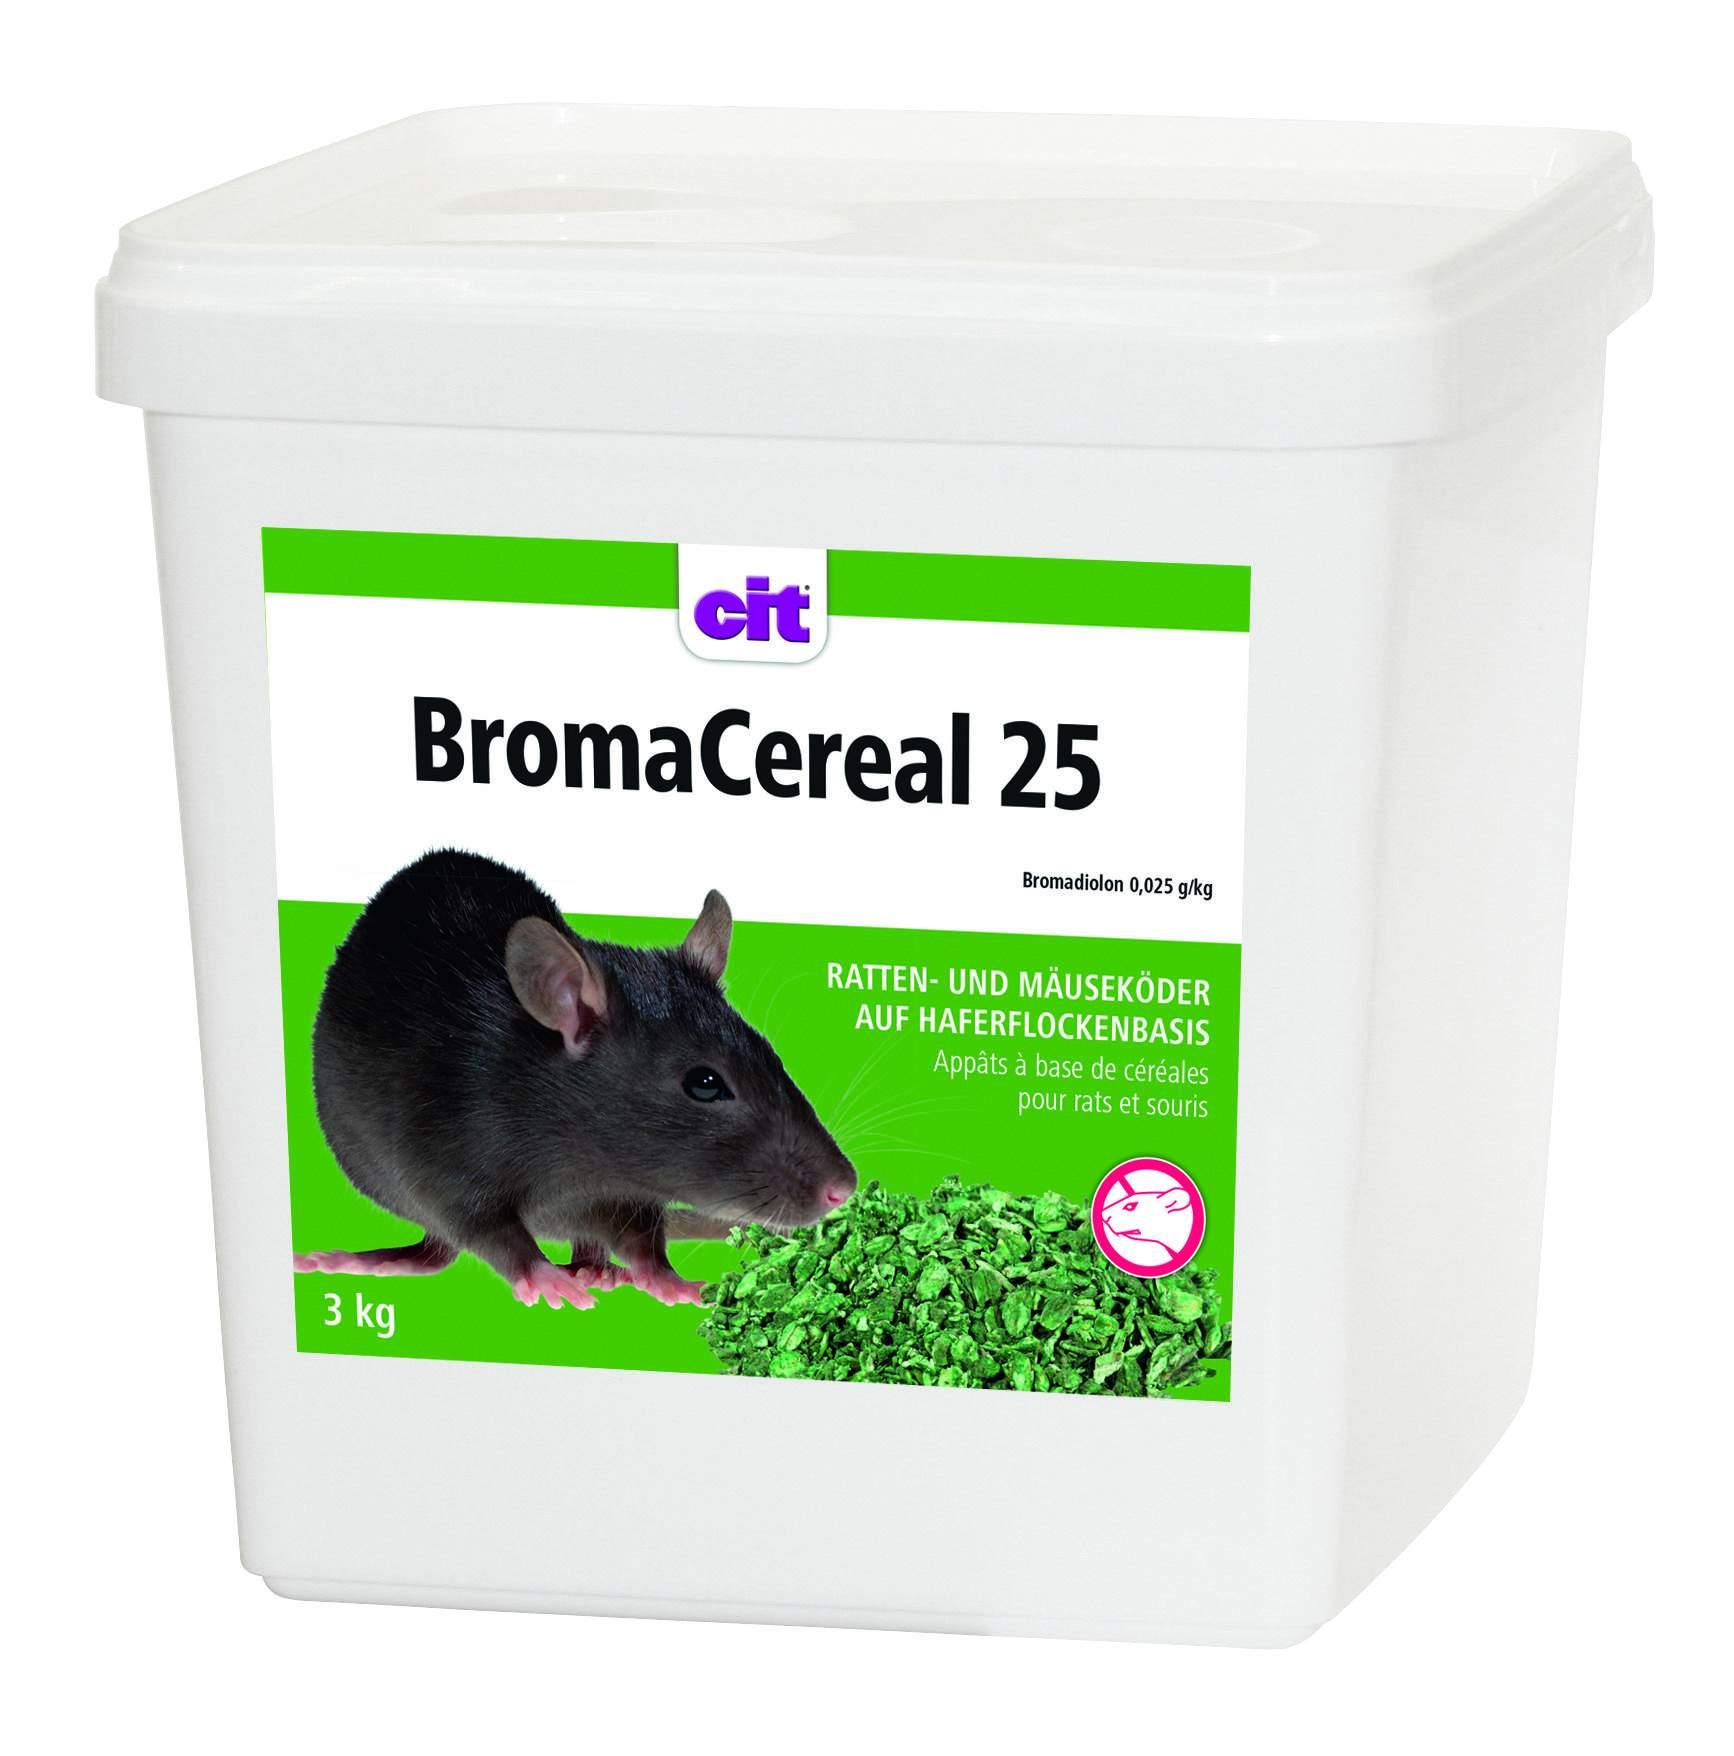 BromaCereal 25 Ratten und Maeusekoeder auf Haferflockenbasis